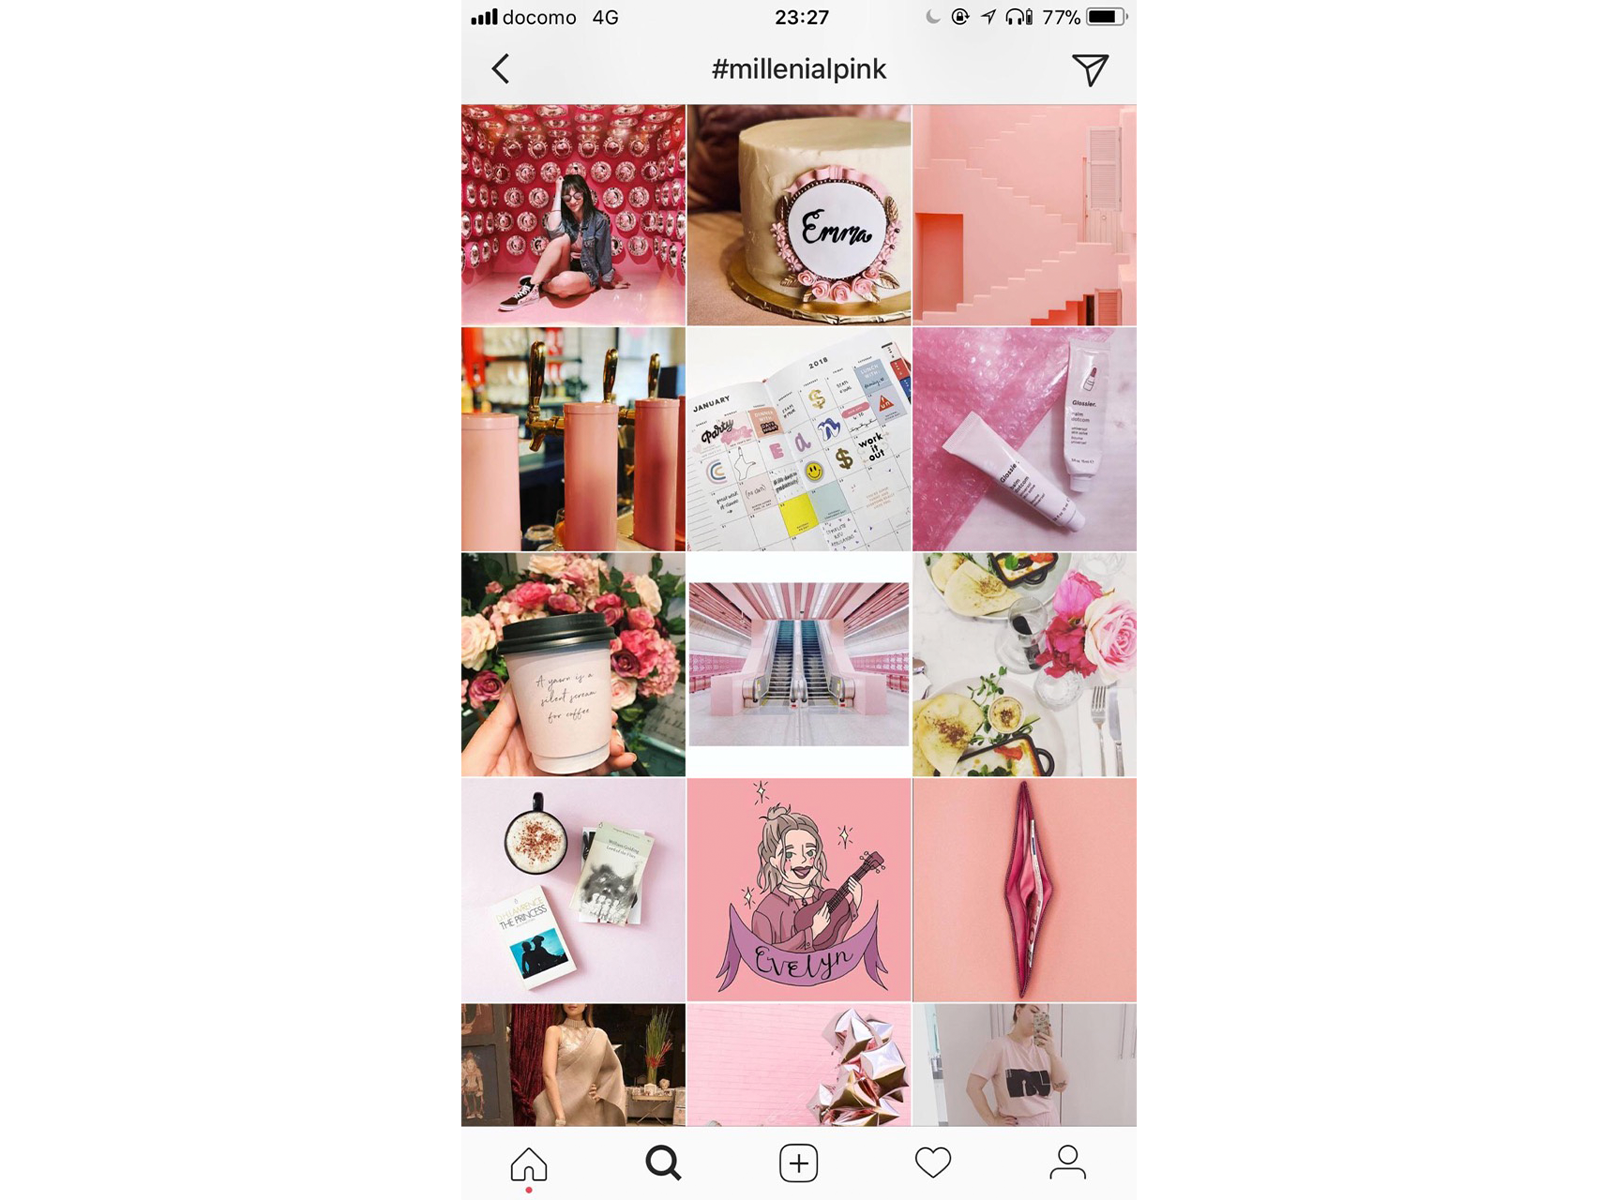 Instagramのハッシュタグ「#millenialpink」には、さまざまなジャンルのかわいいアイテムがたくさん!